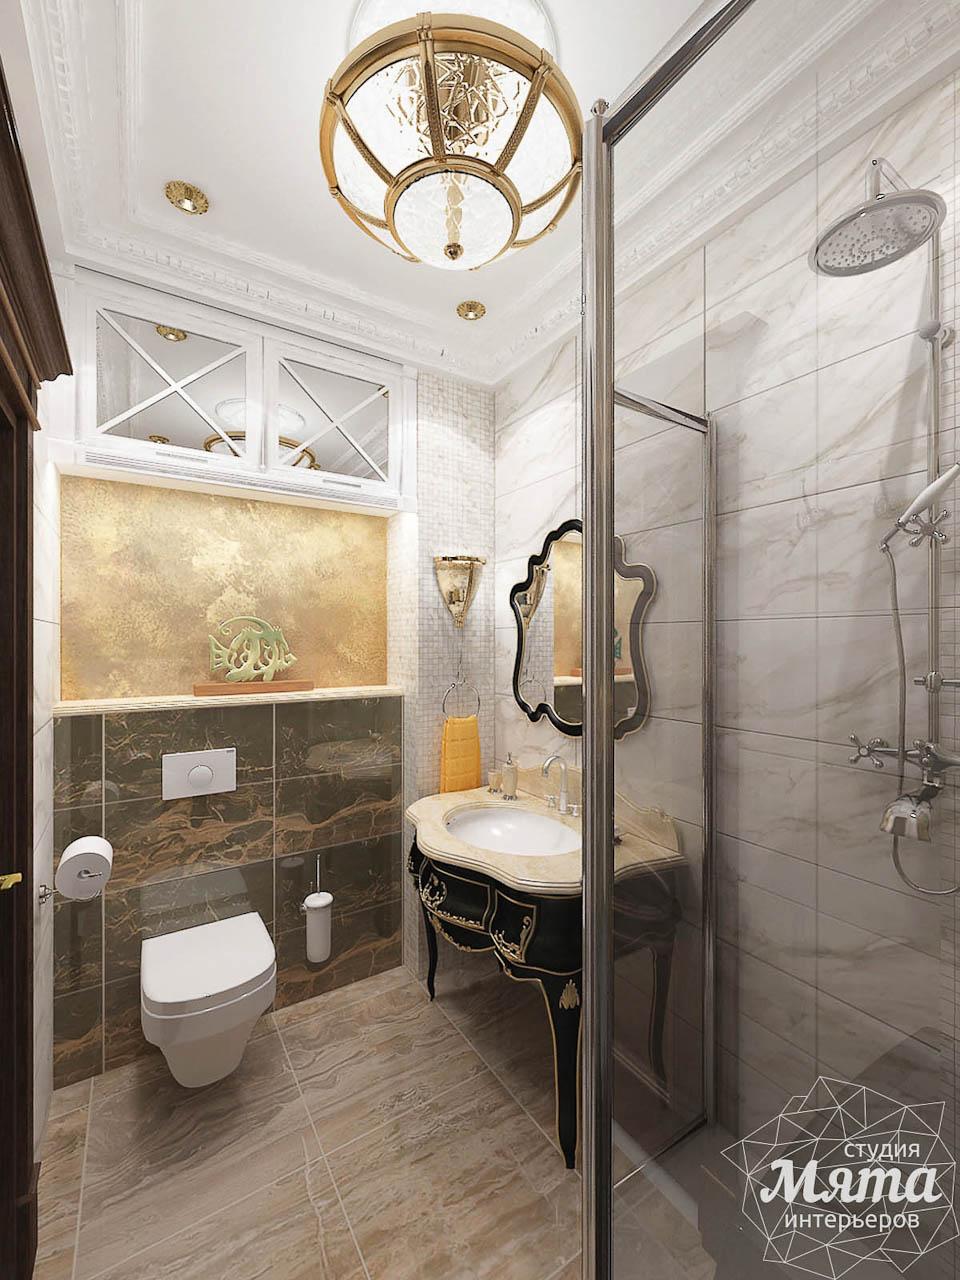 Дизайн интерьера двухкомнатной квартиры по ул. Мельникова 38 img671015060